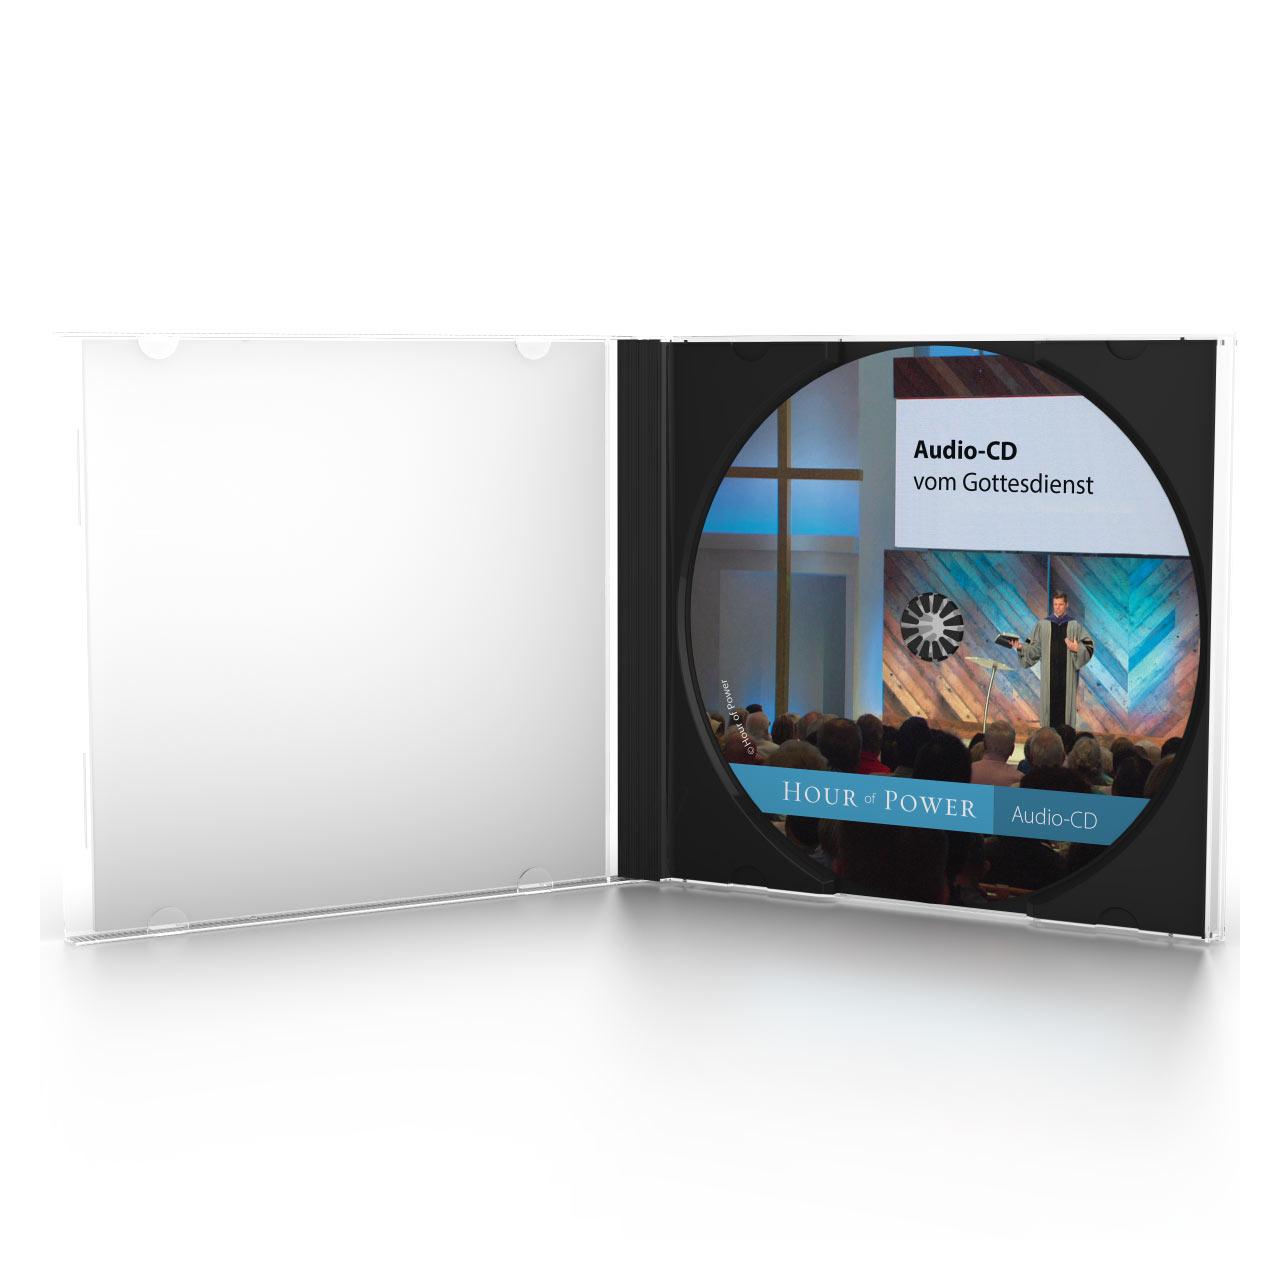 HOP_GD-CD_Eindruck-3D